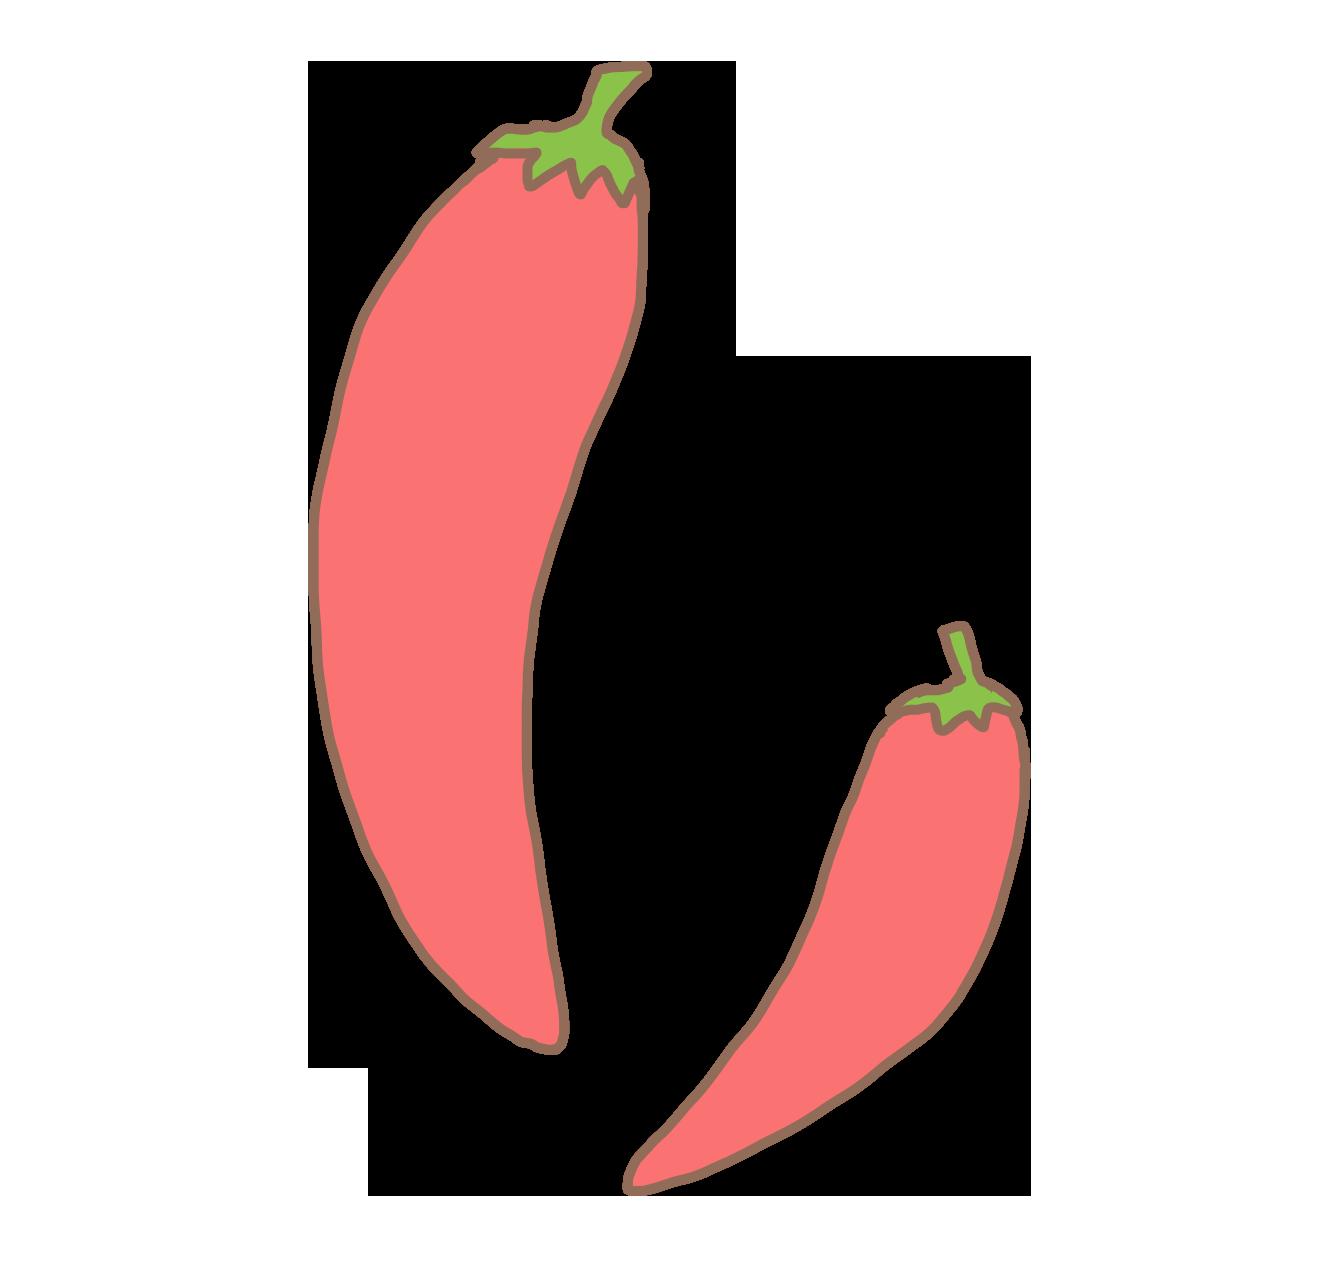 【Japanese Onomatopoeia】PIRI / ぴりっ / ピリッ